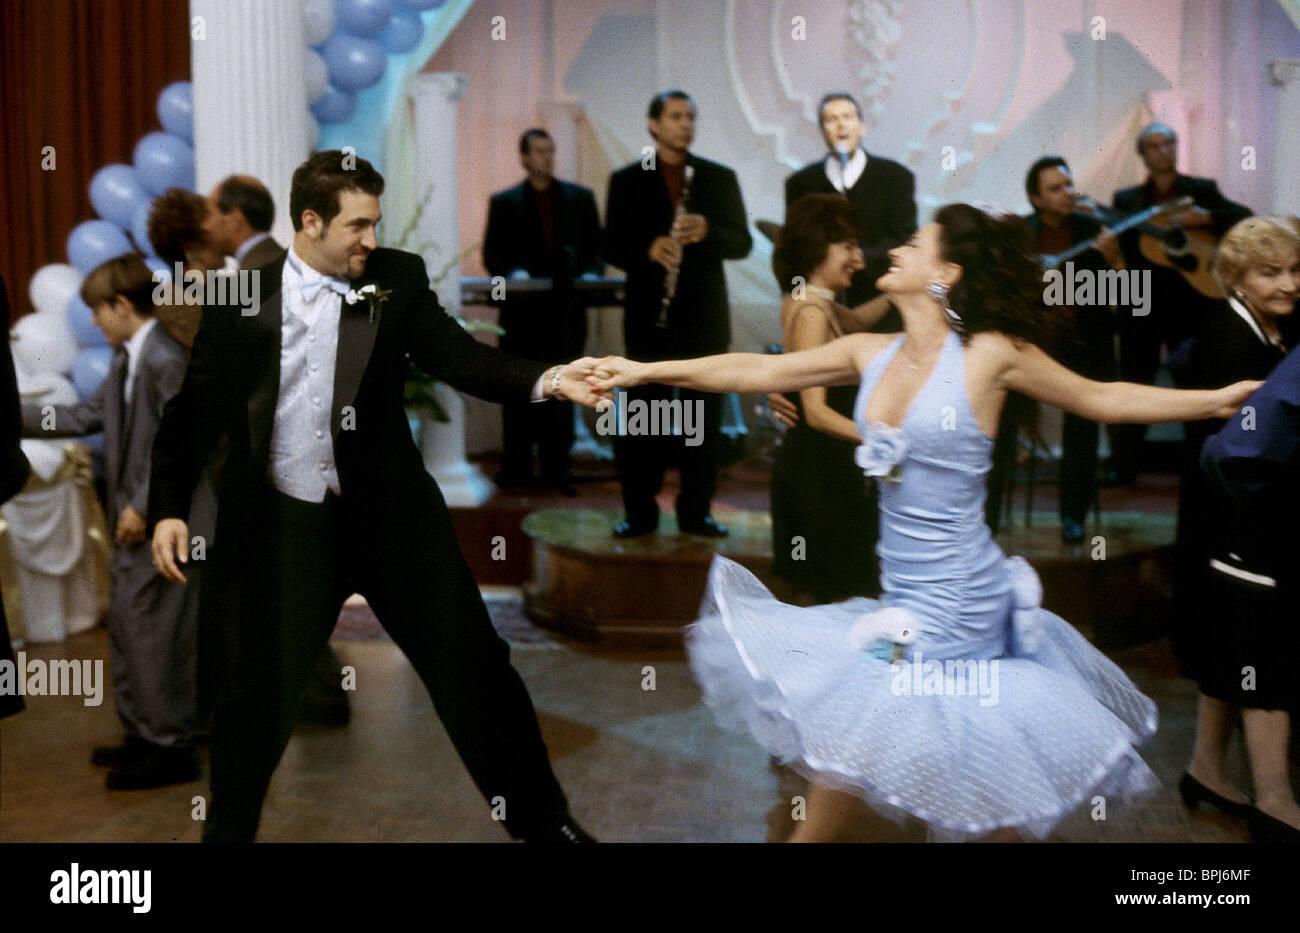 Joey Fatone Gia Carides My Big Fat Greek Wedding 2002 Stock Photo Alamy